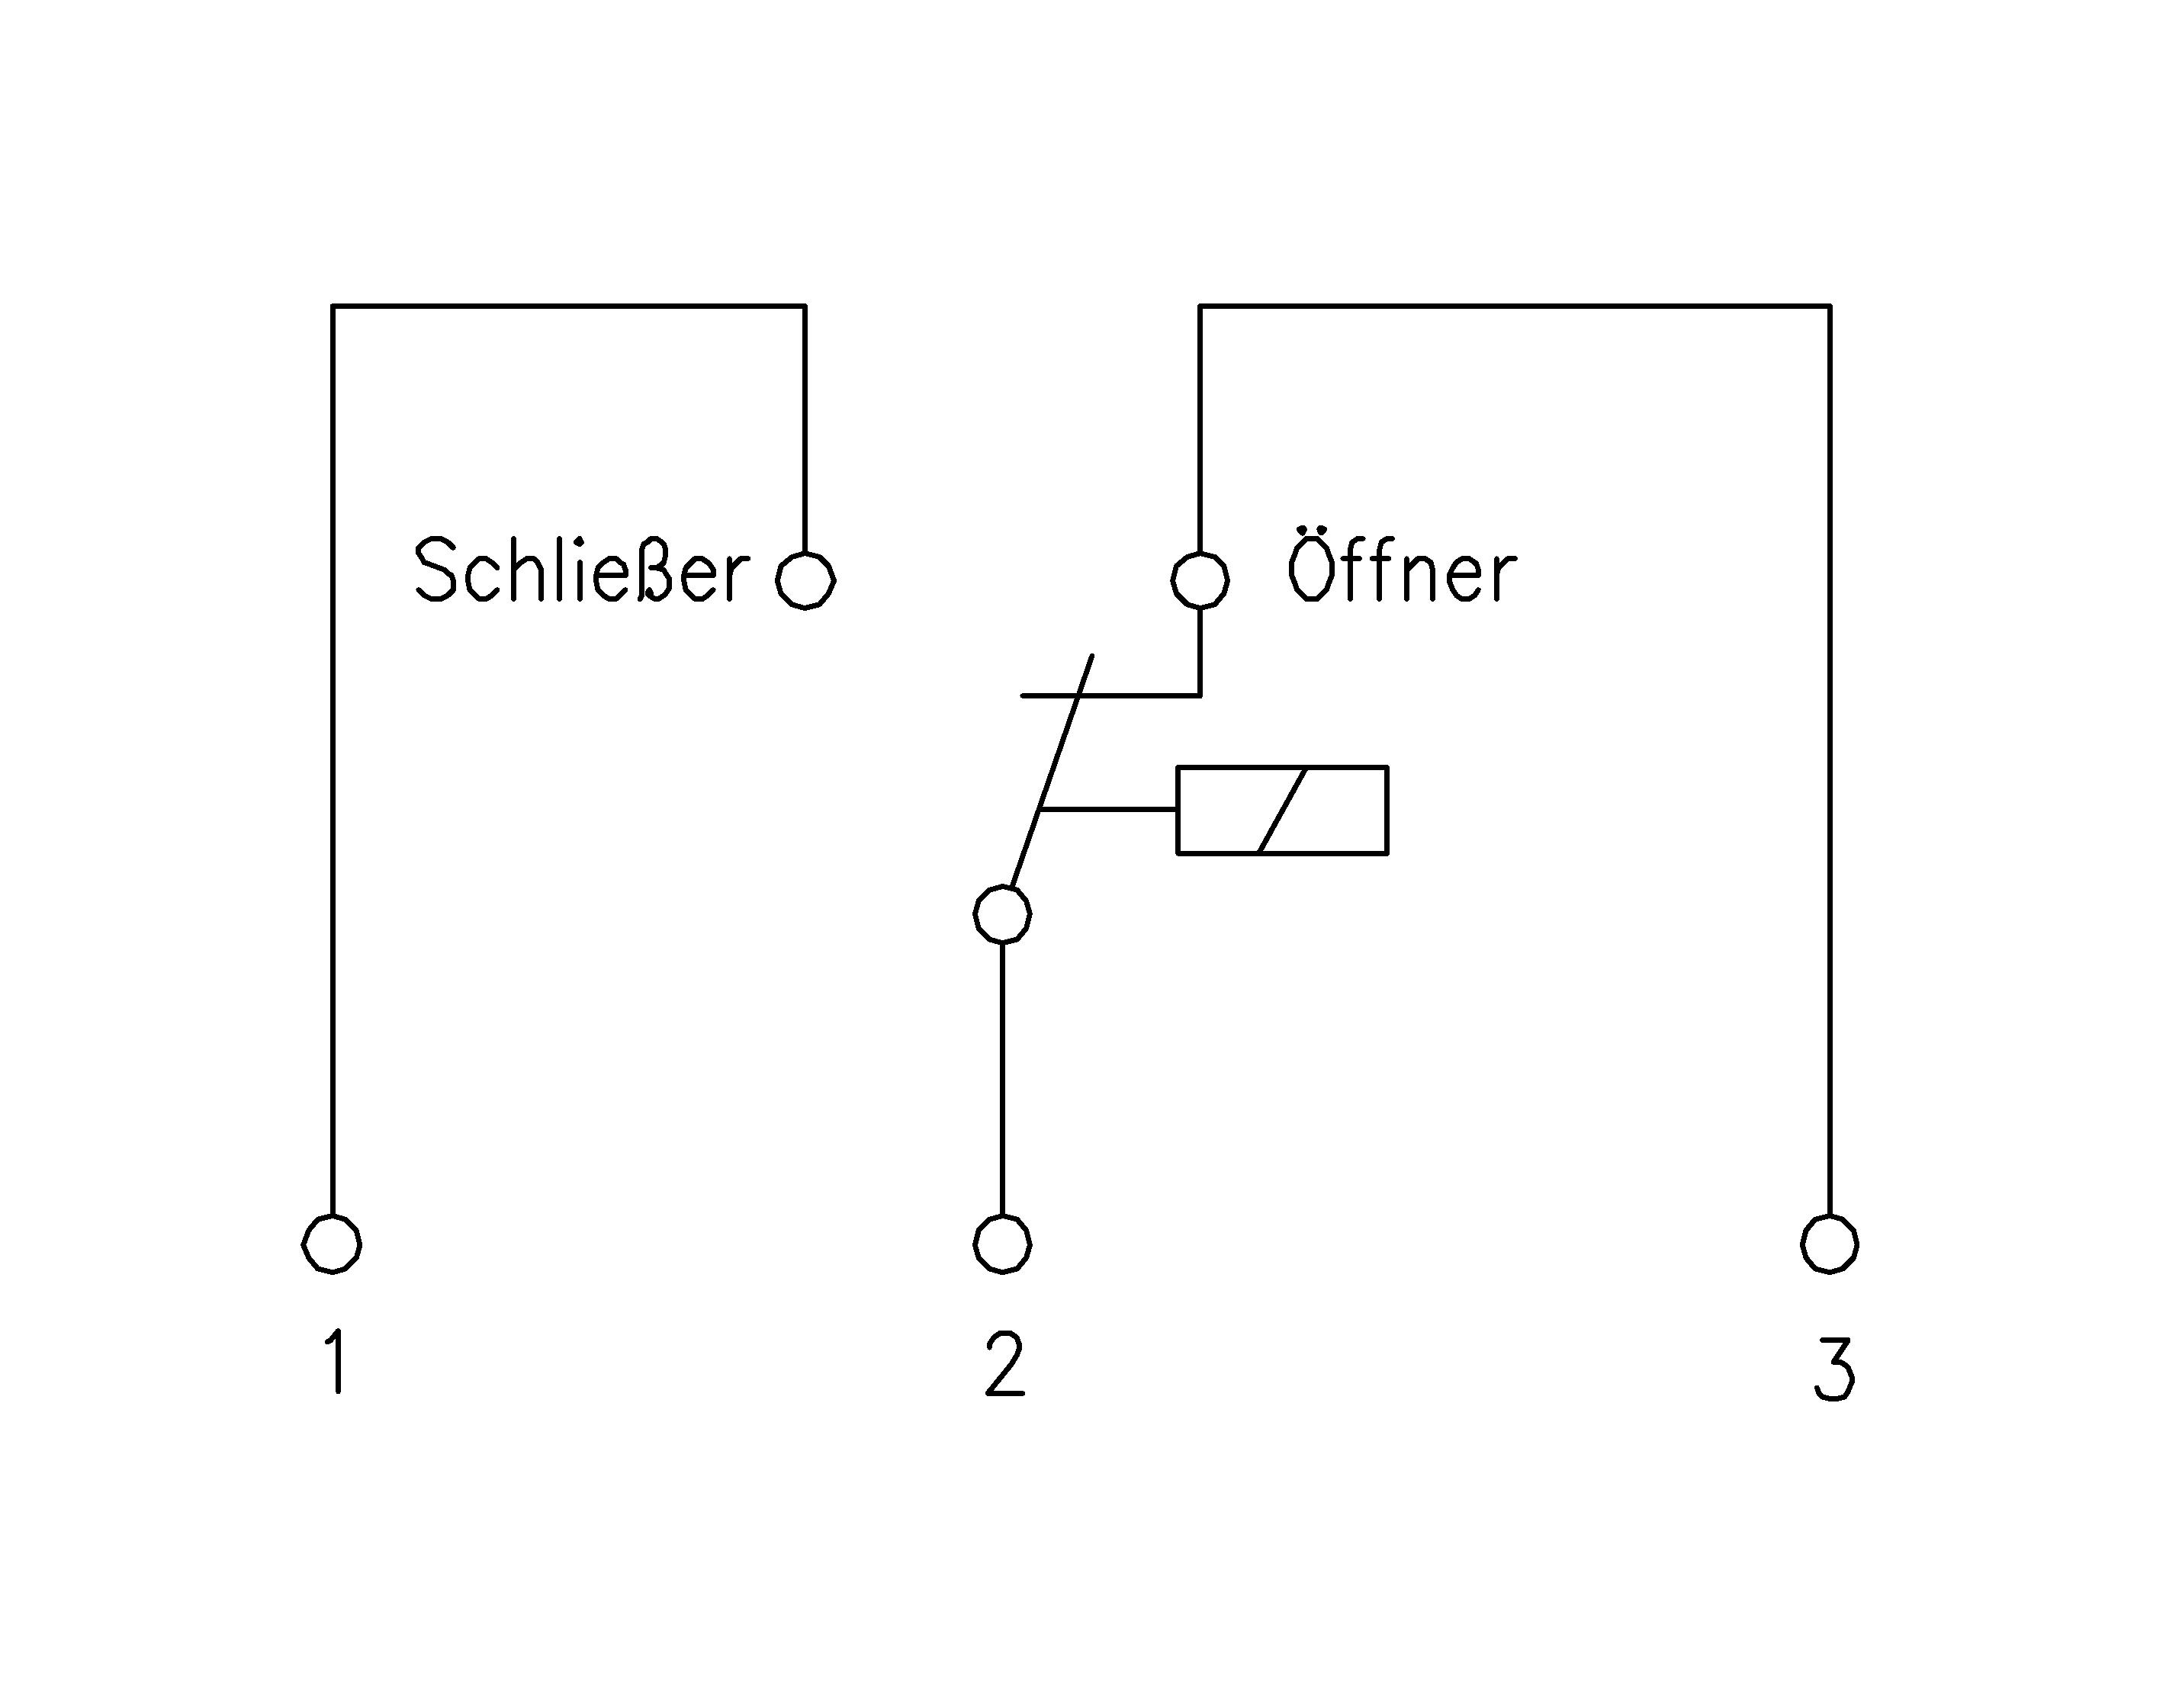 H530944 Circuit diagram